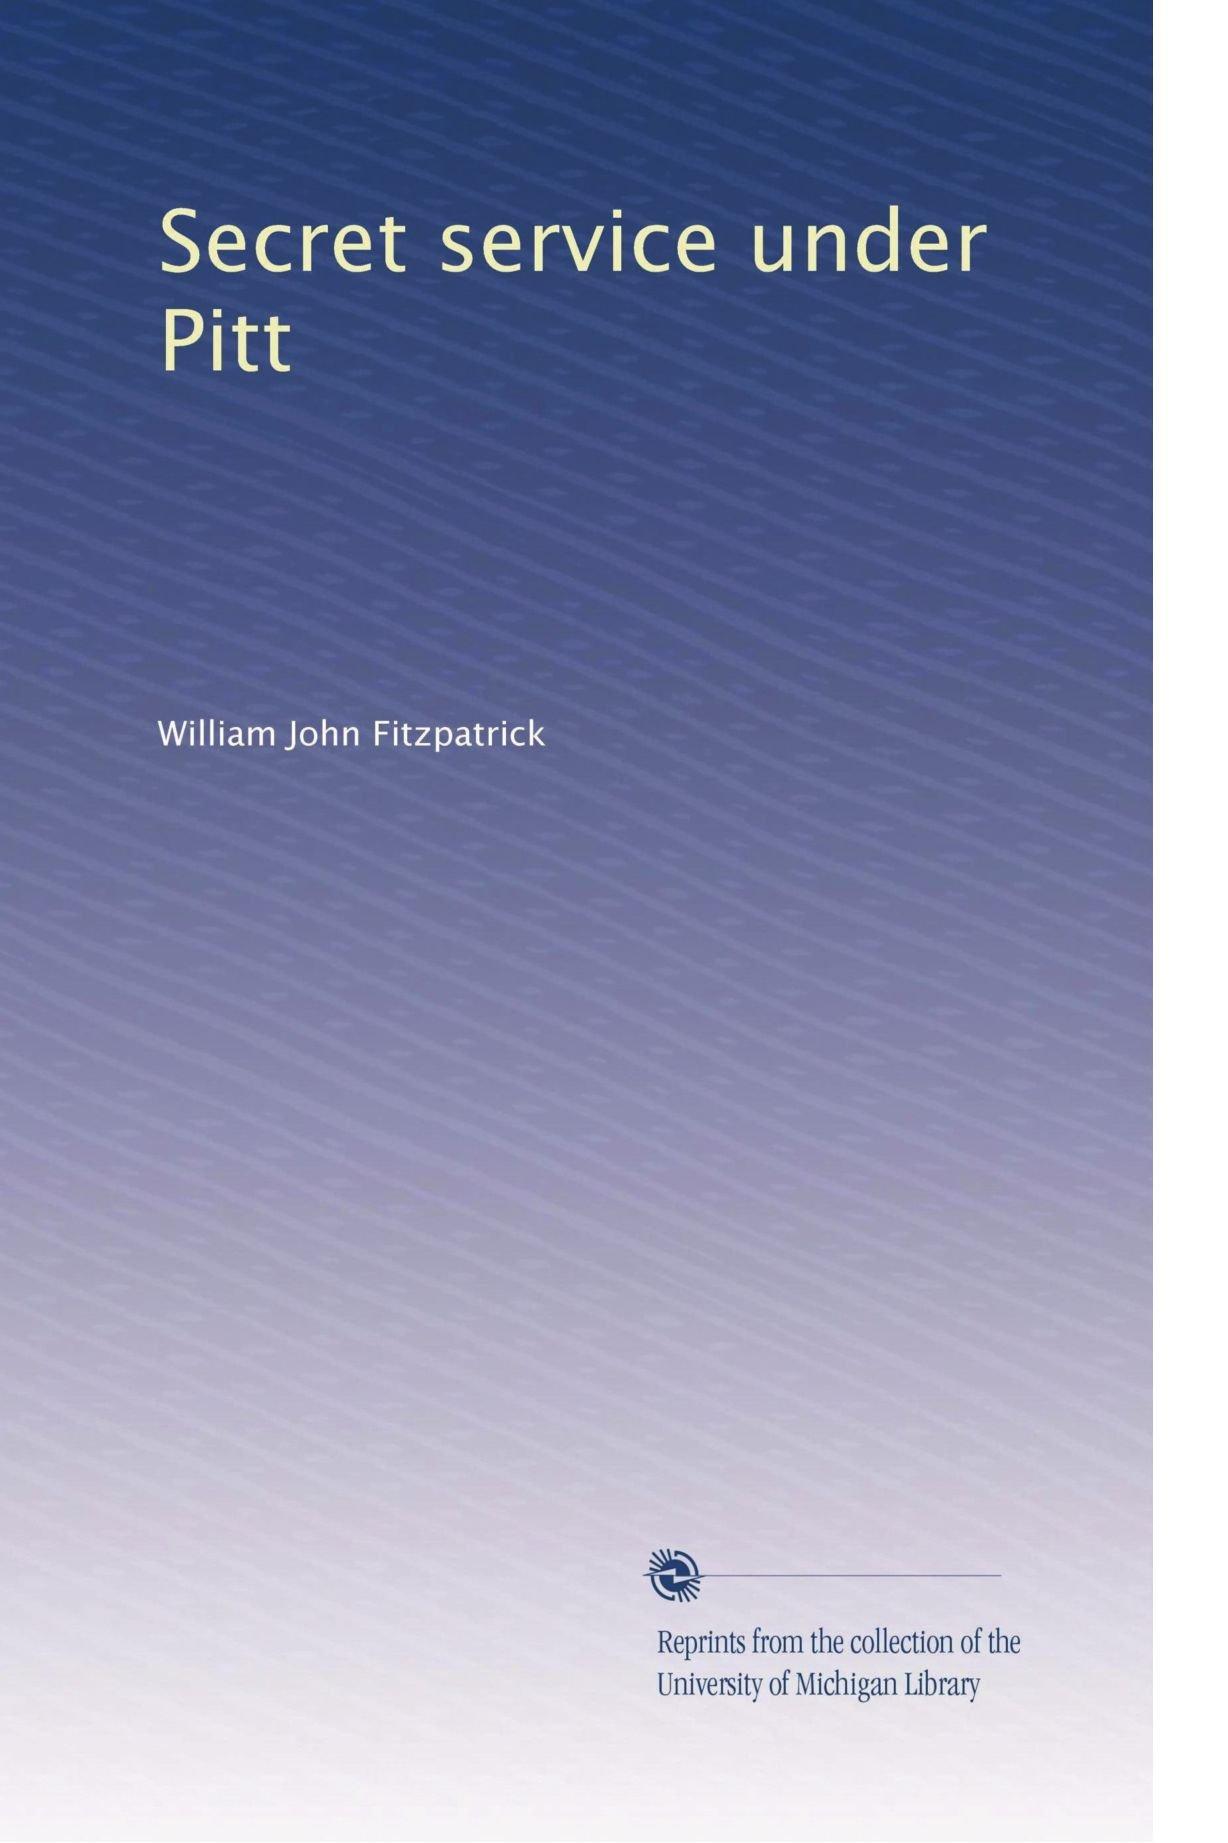 Secret service under Pitt ebook